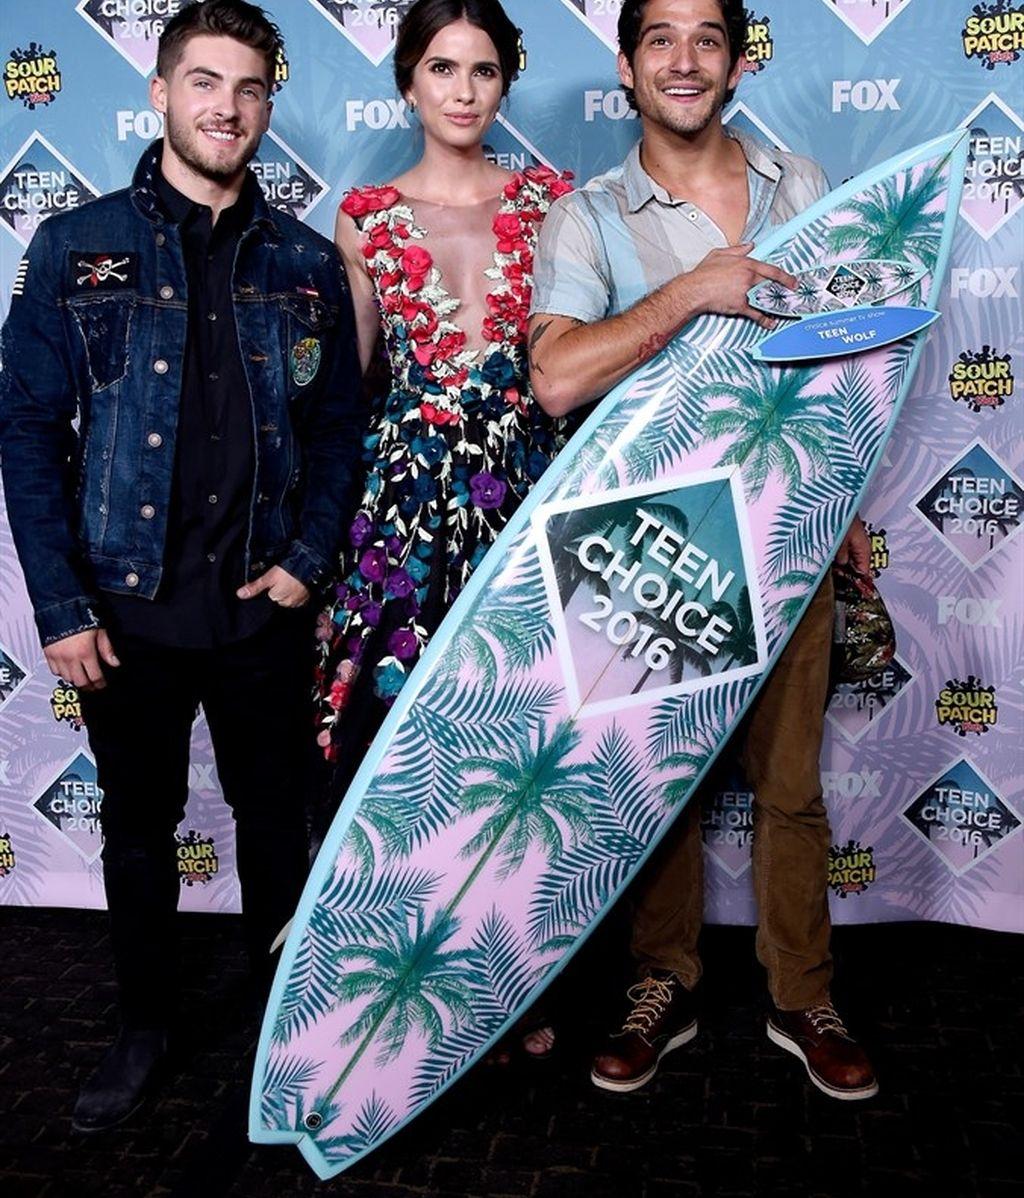 Teen Wolf, Choice Awards